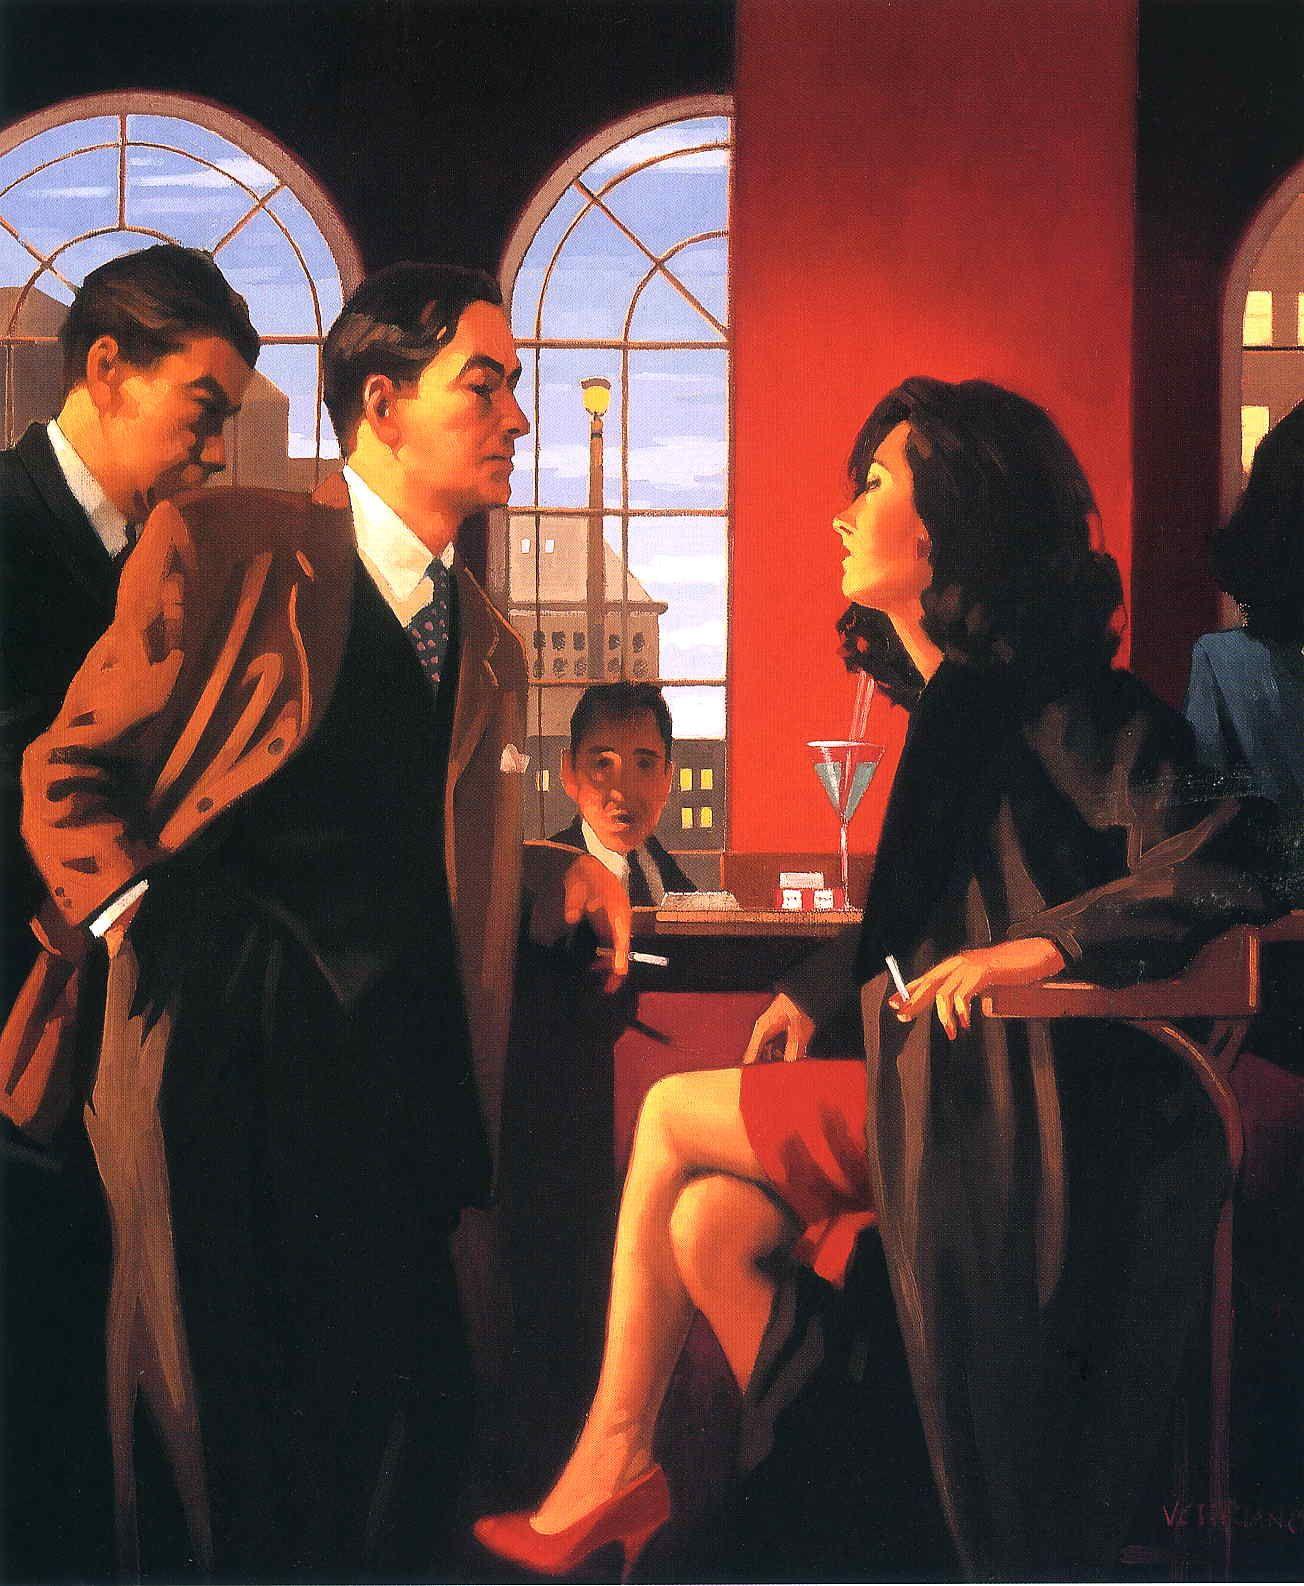 Jack Vettriano Paintings Artwork Gallery In Chronological Order Jack Vettriano Jack Vetriano Artwork Painting